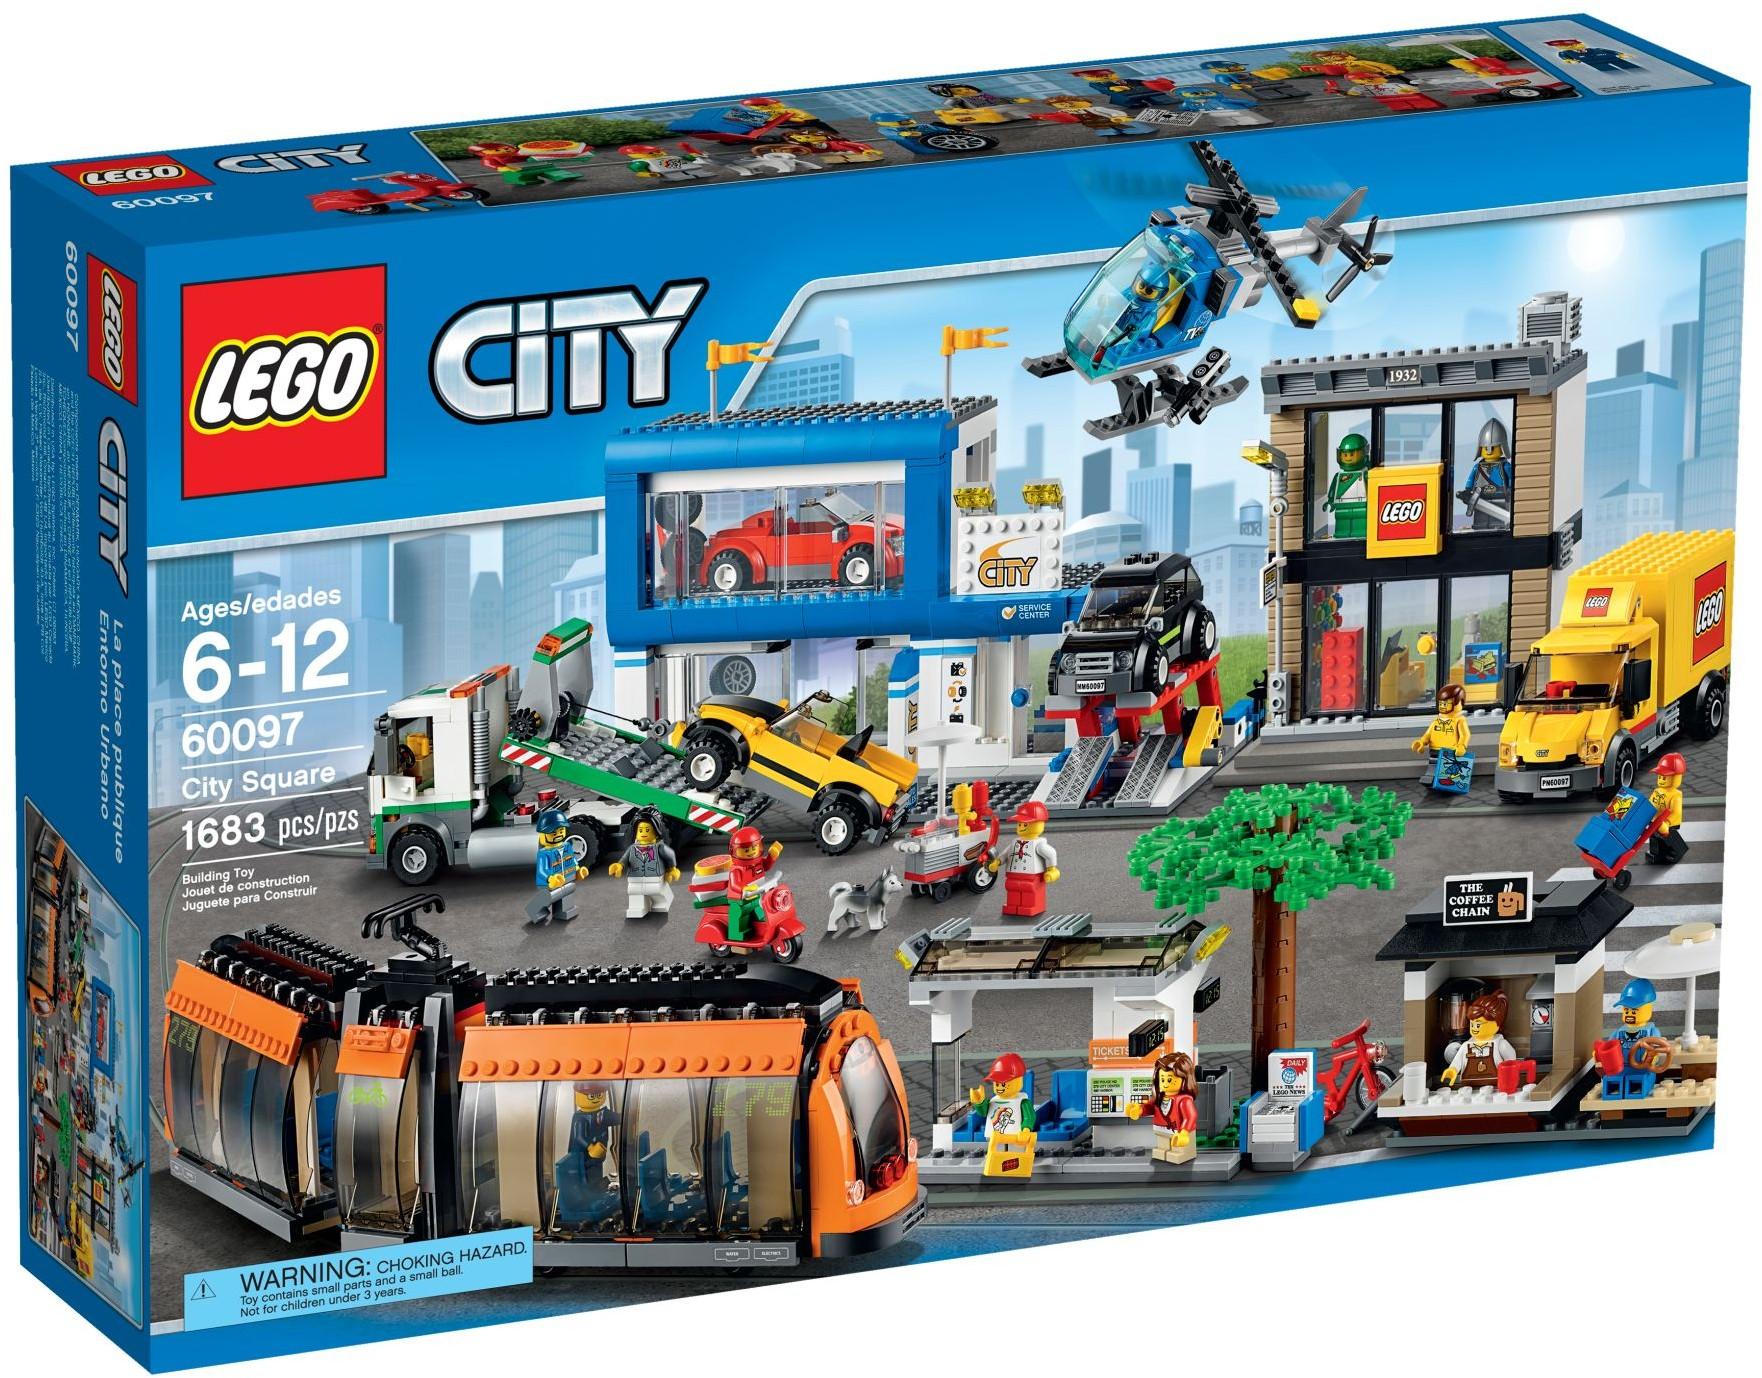 ma collection de lego - depuis quelques années, je présente par le